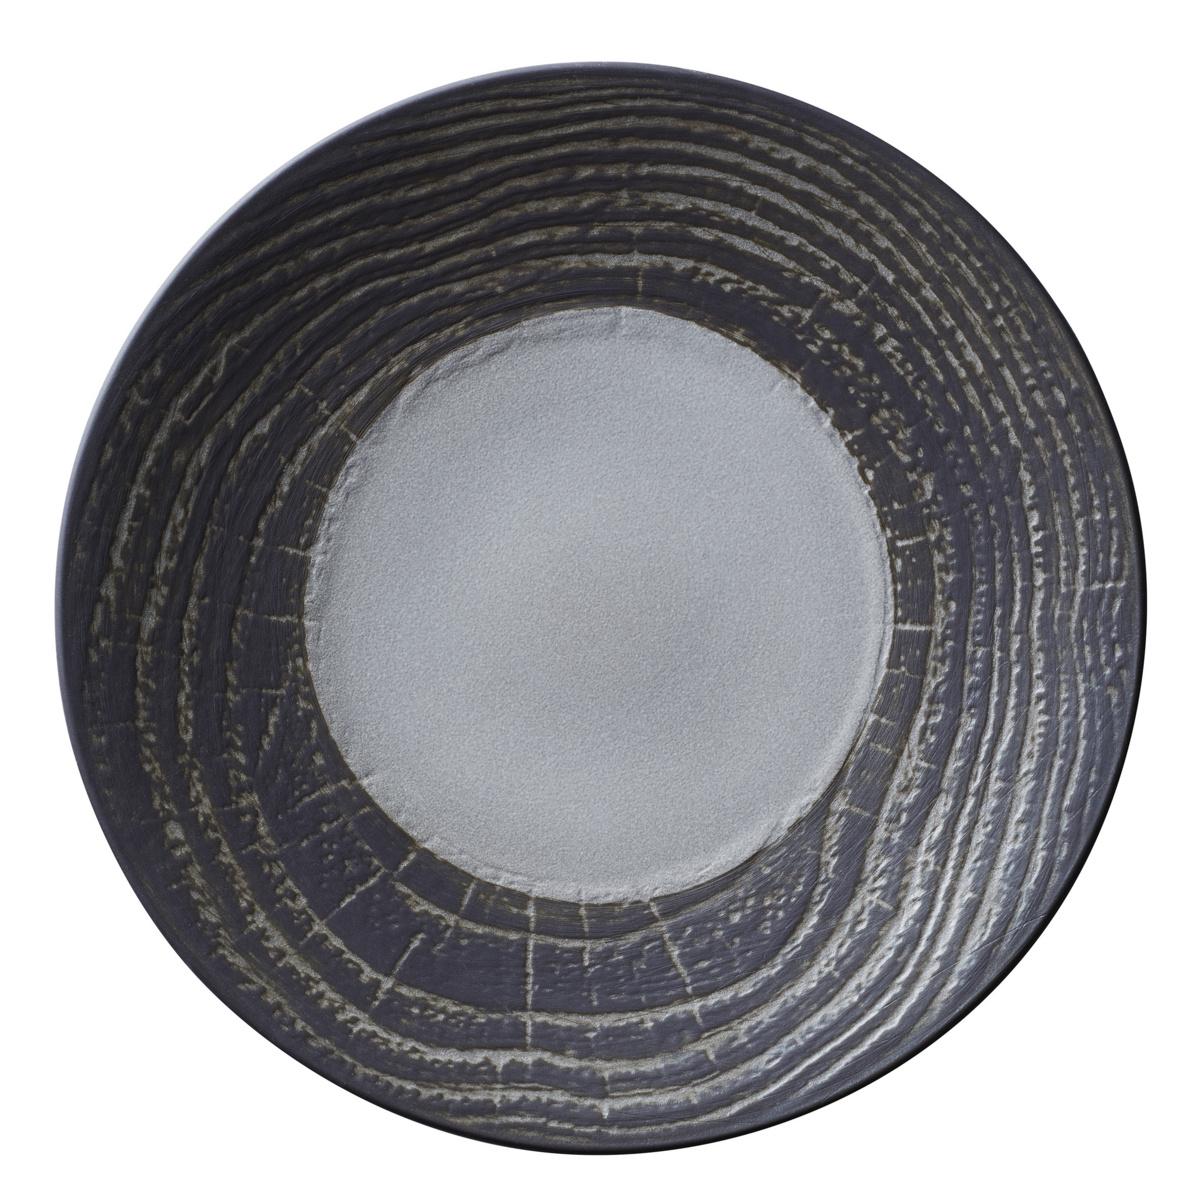 Assiette coupe plate ronde poivre porcelaine Ø 28,30 cm Arborescence Revol